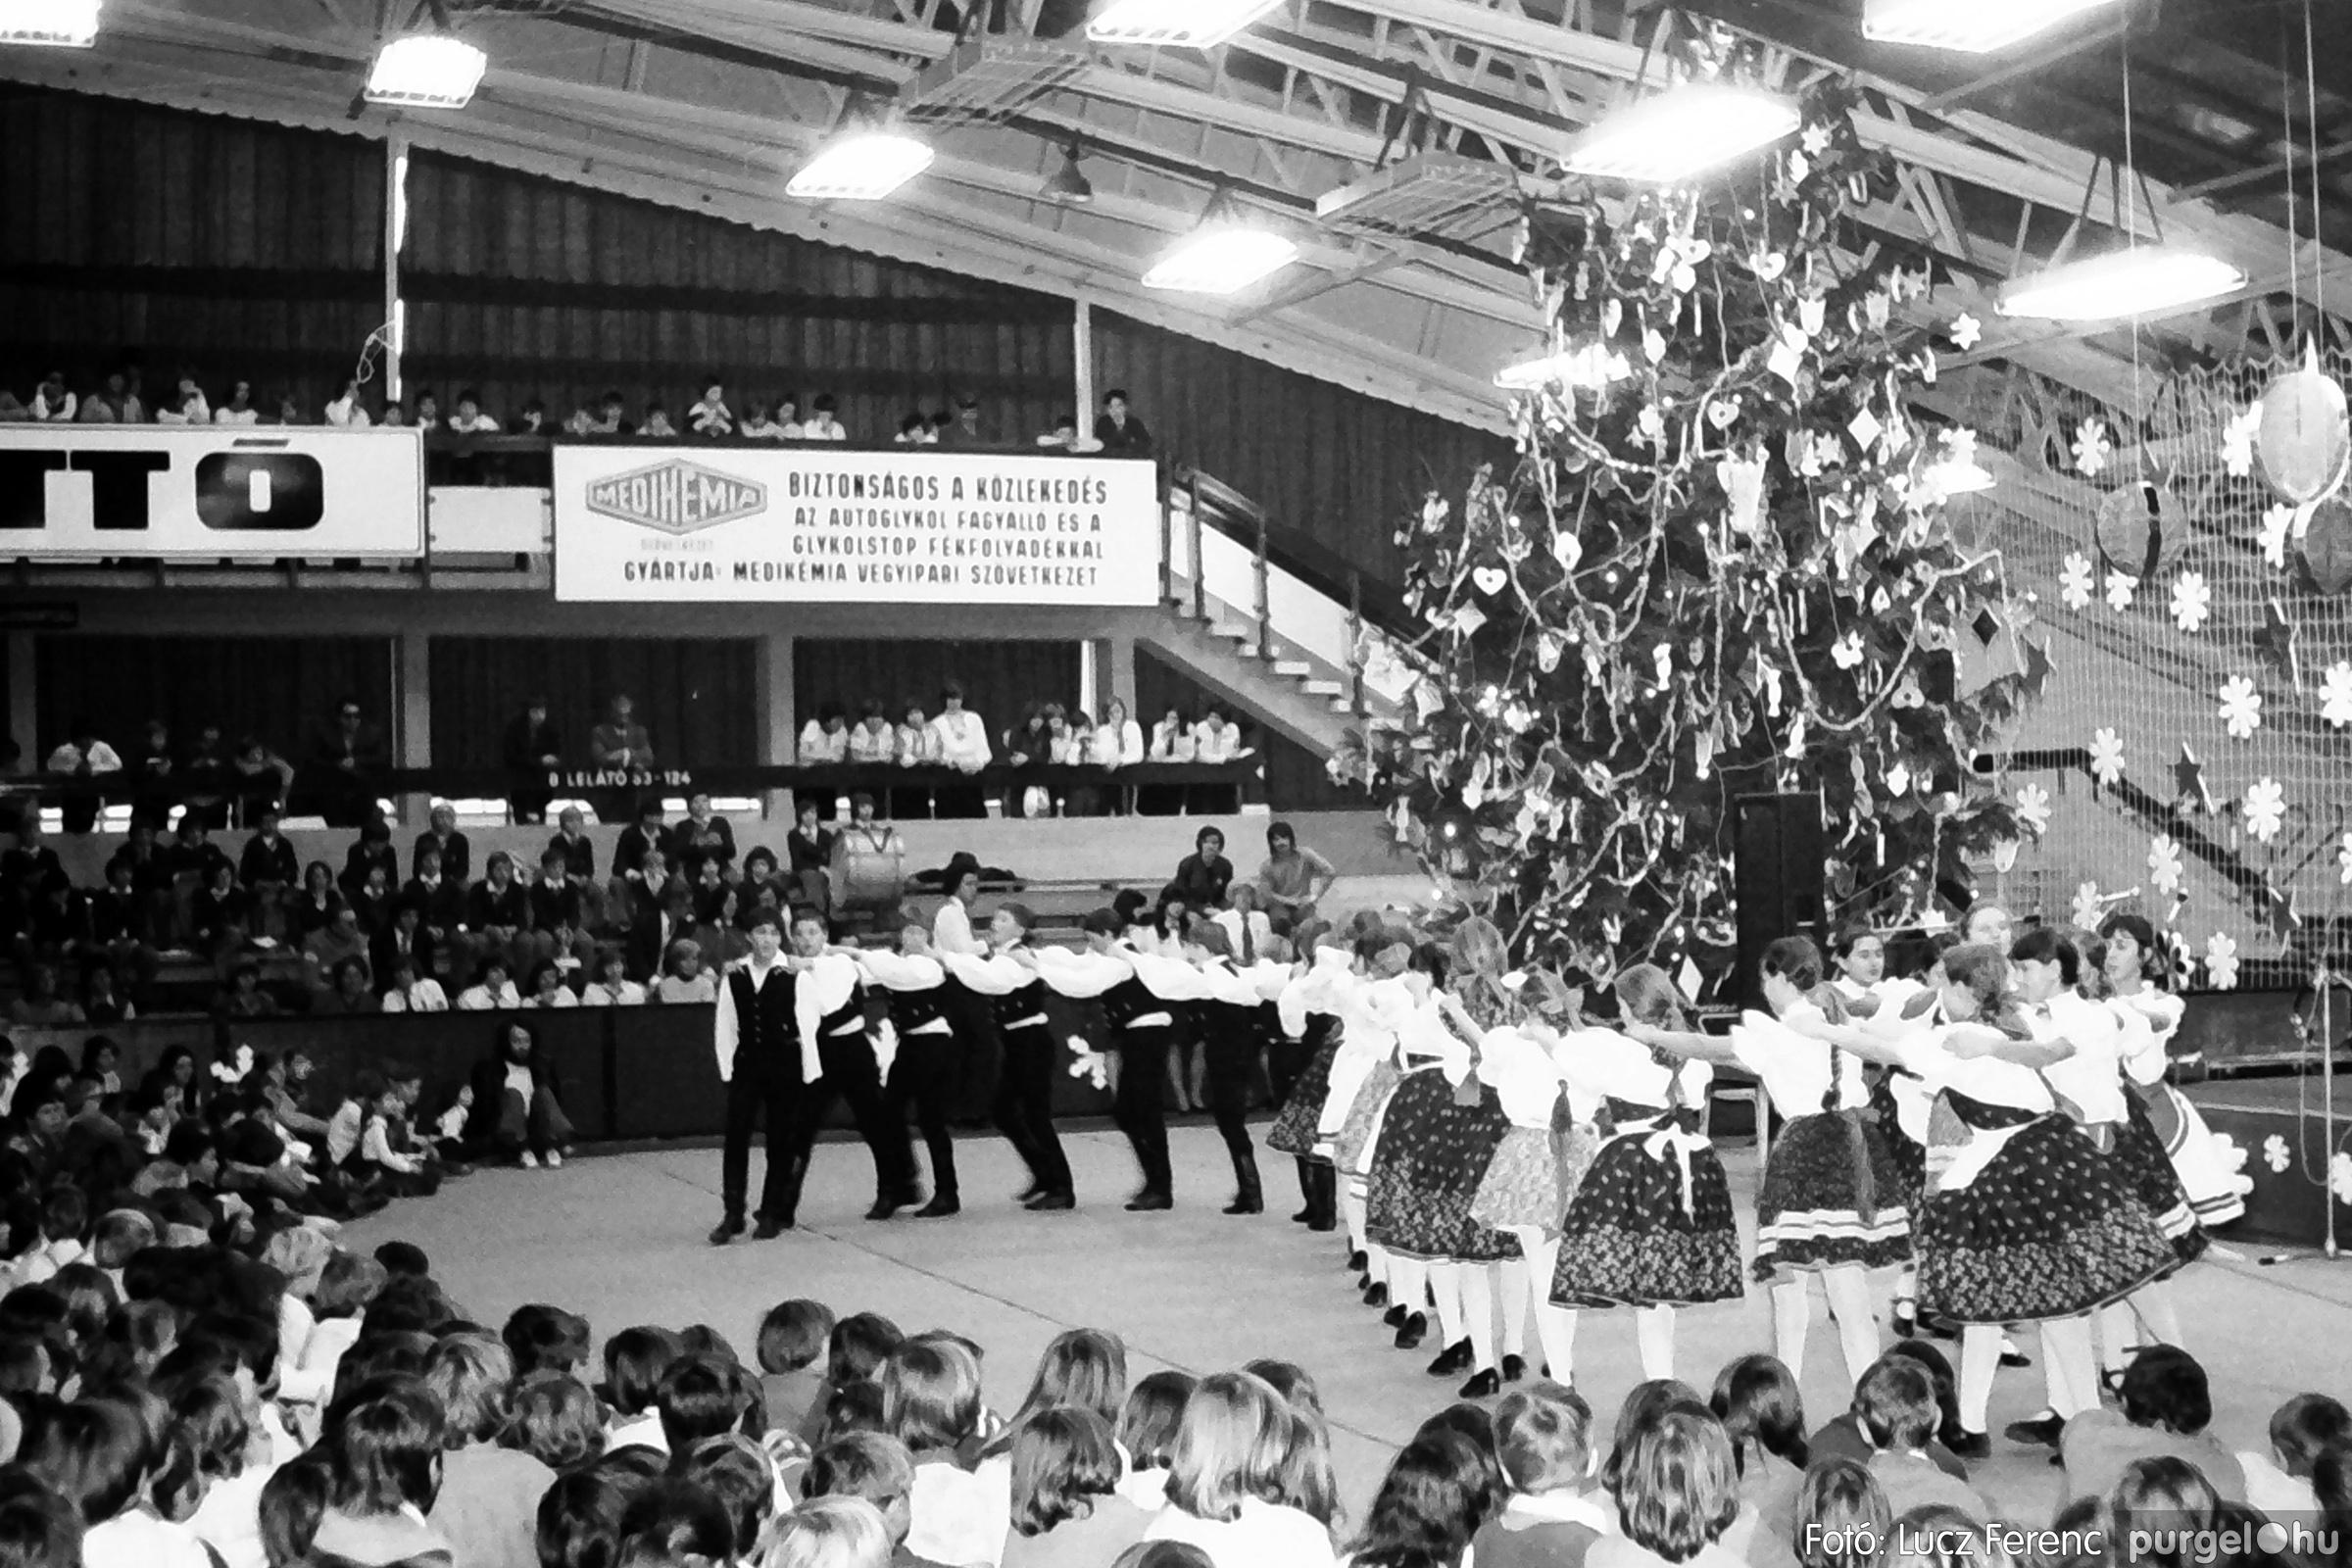 067-068. 1976. Úttörőkarácsony Szegeden 018. - Fotó: Lucz Ferenc.jpg